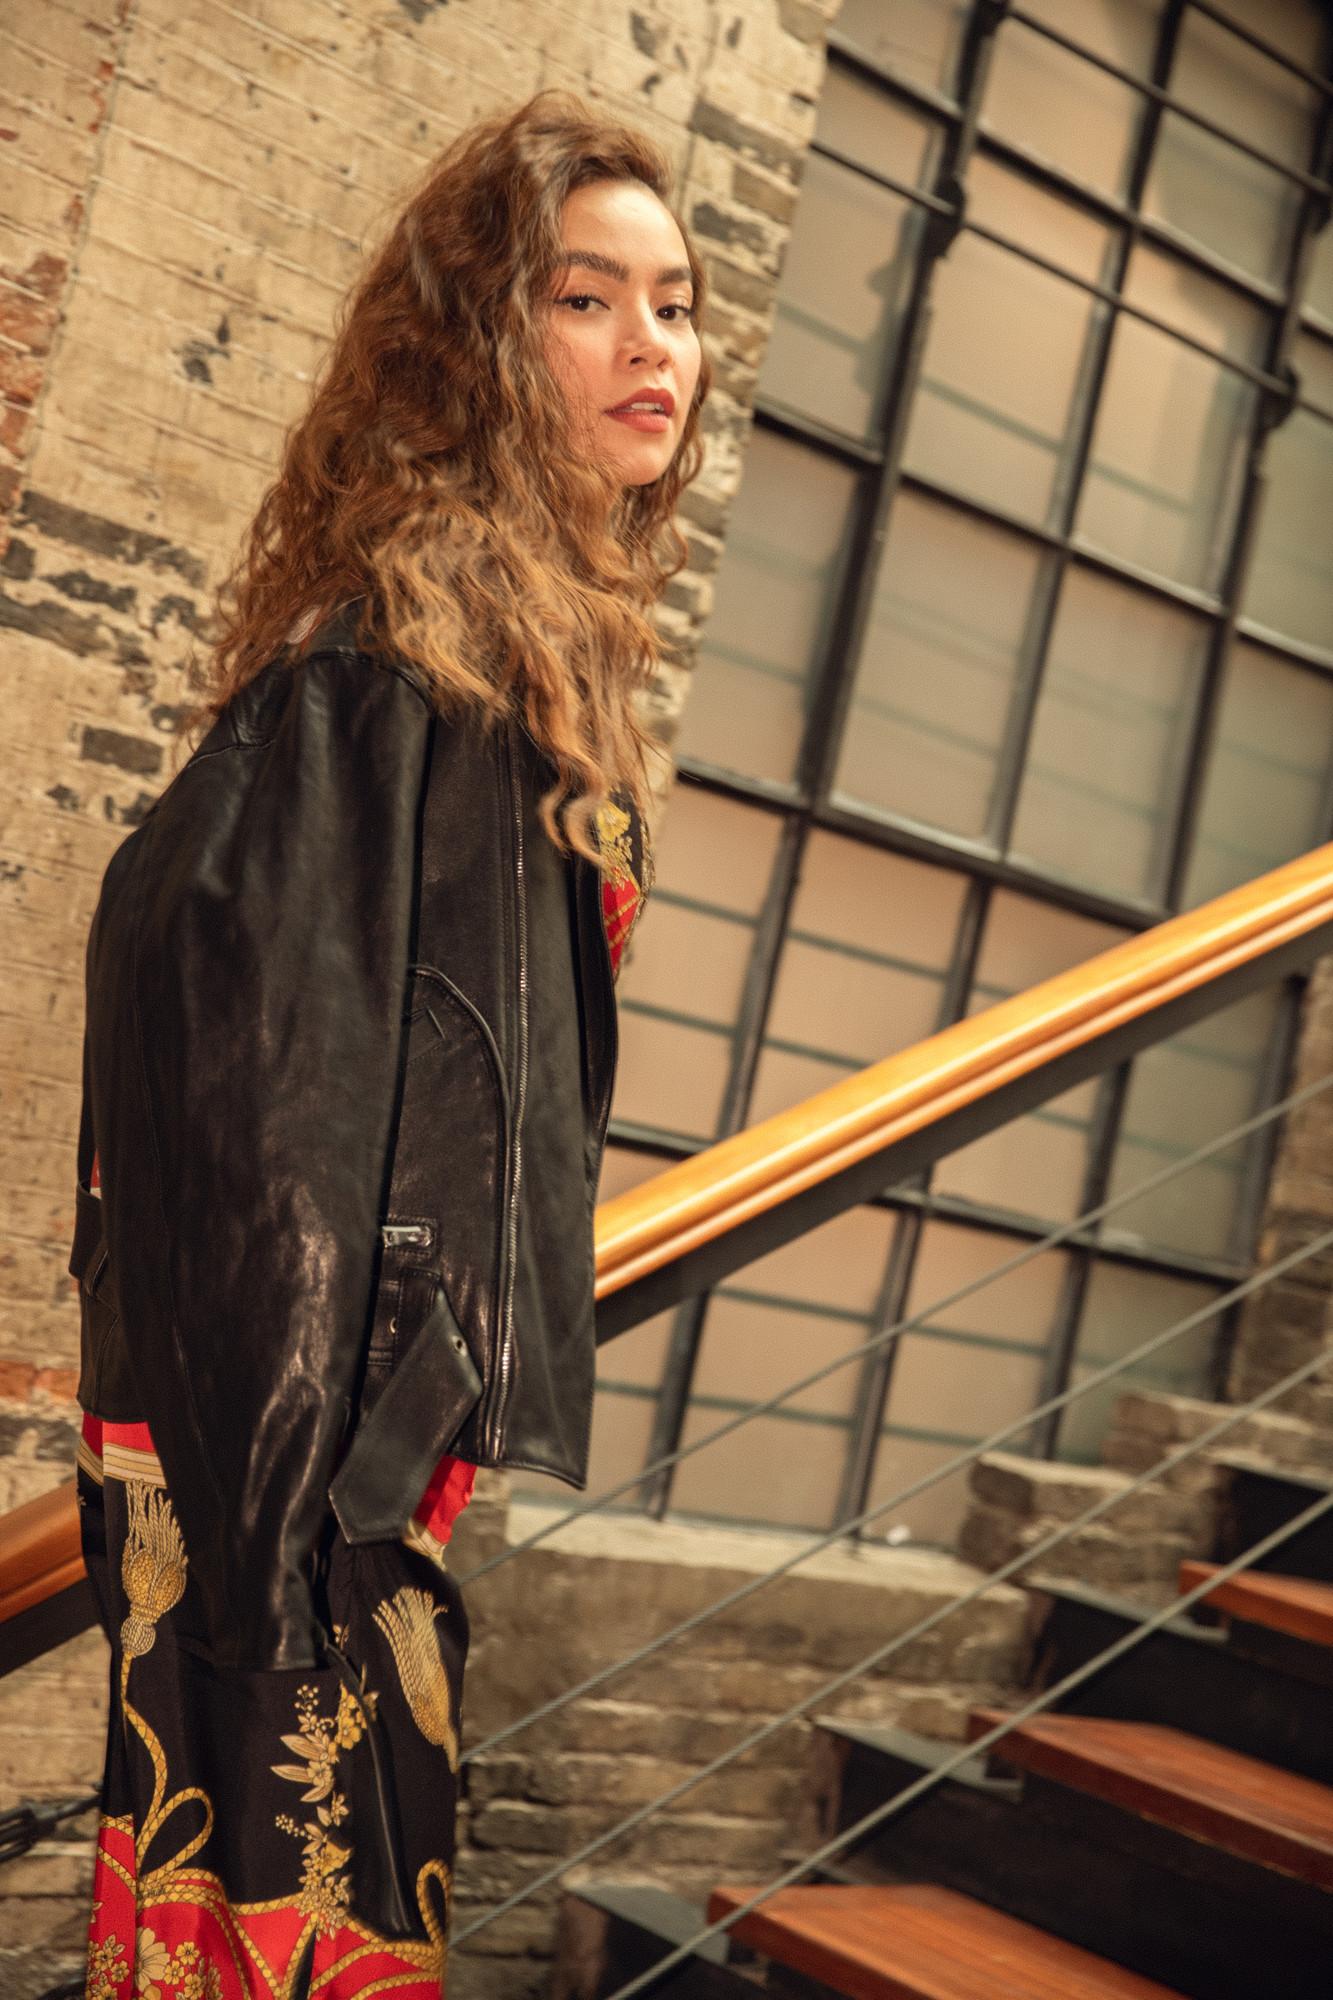 Hồ Ngọc Hà là đại diện duy nhất của Việt Nam xuất hiện ấn tượng tại sự kiện Gucci ở Thượng Hải